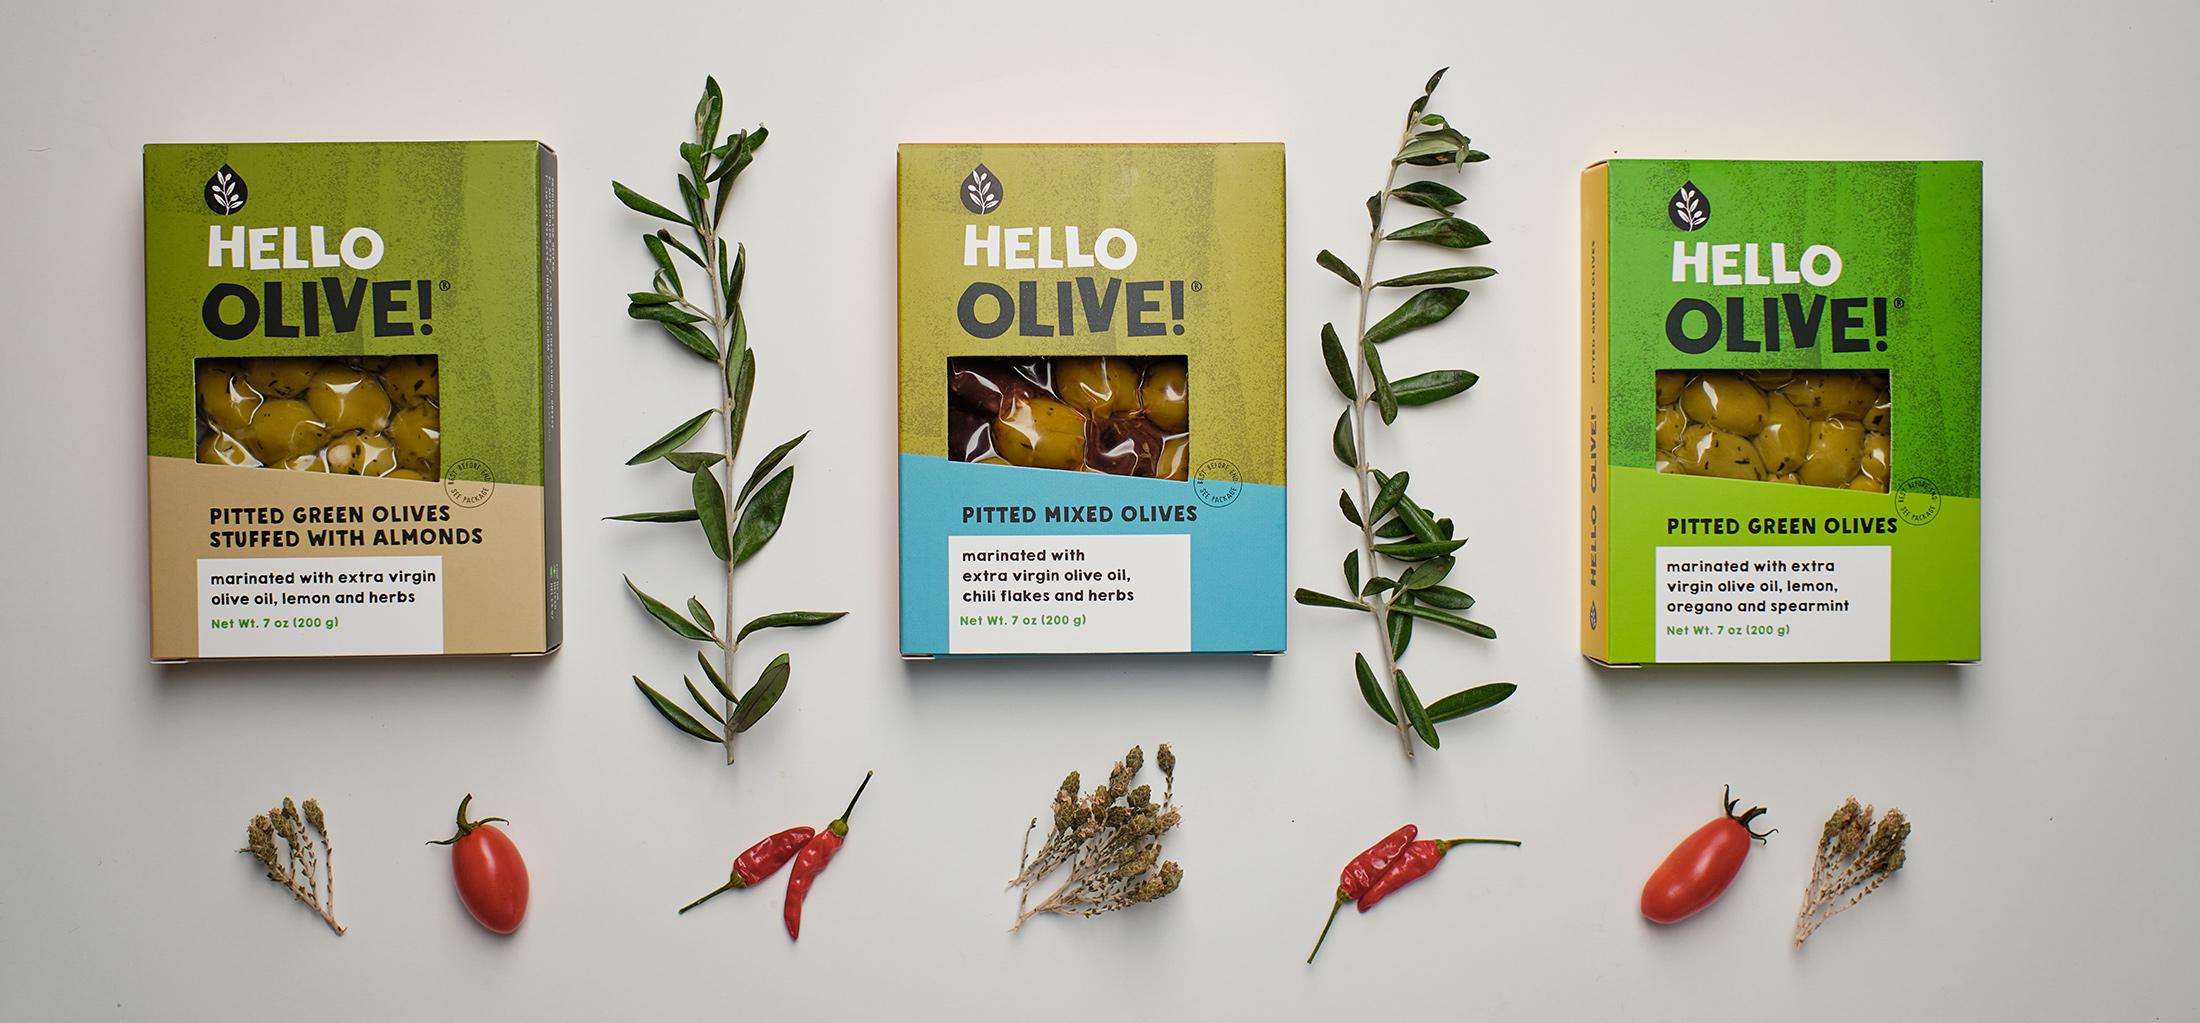 Hello Olive!